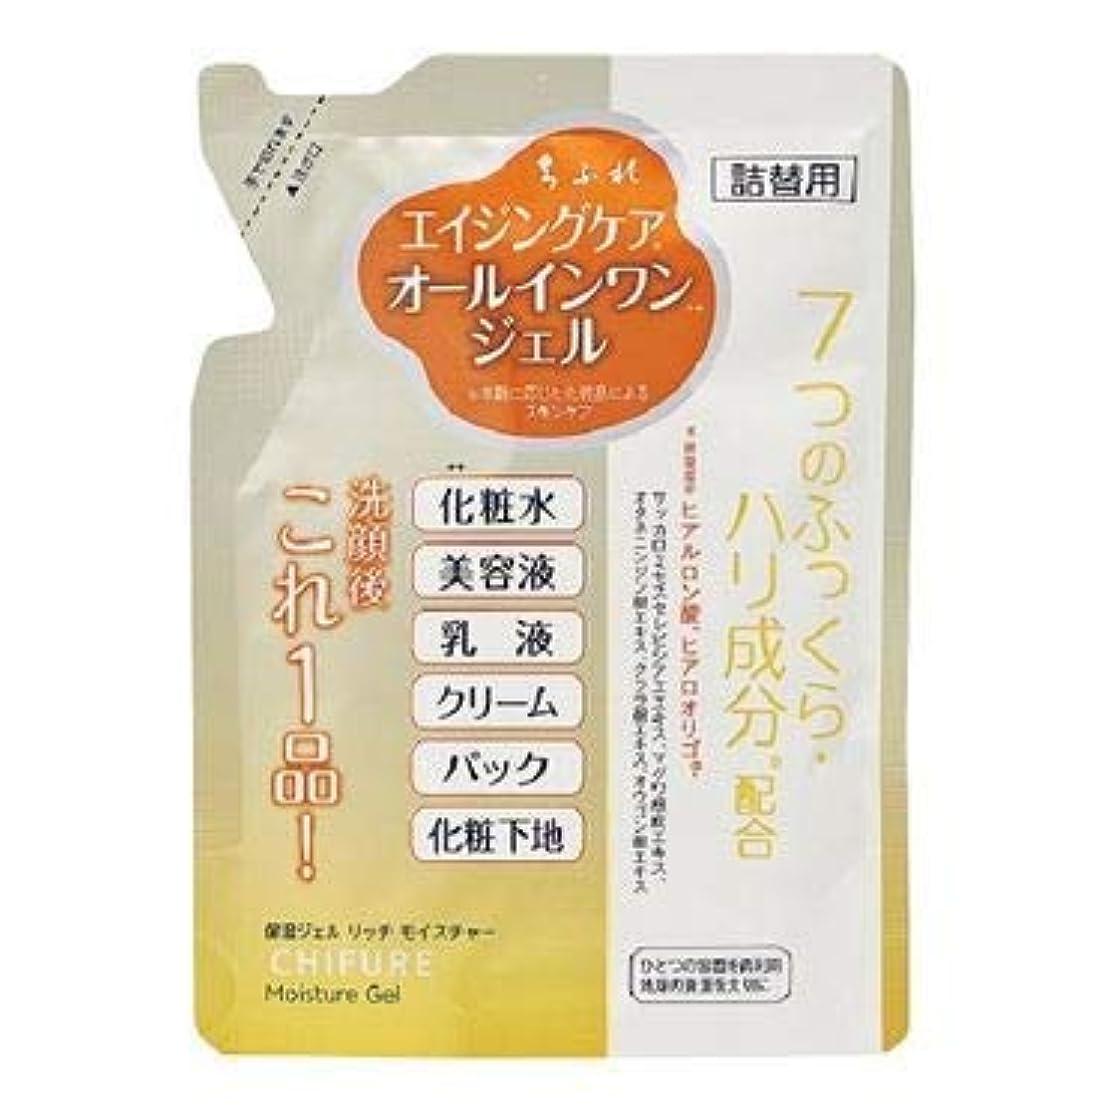 観点小麦粉高揚したちふれ化粧品 保湿ジェル リッチモイスチャータイプ 108g (詰替)